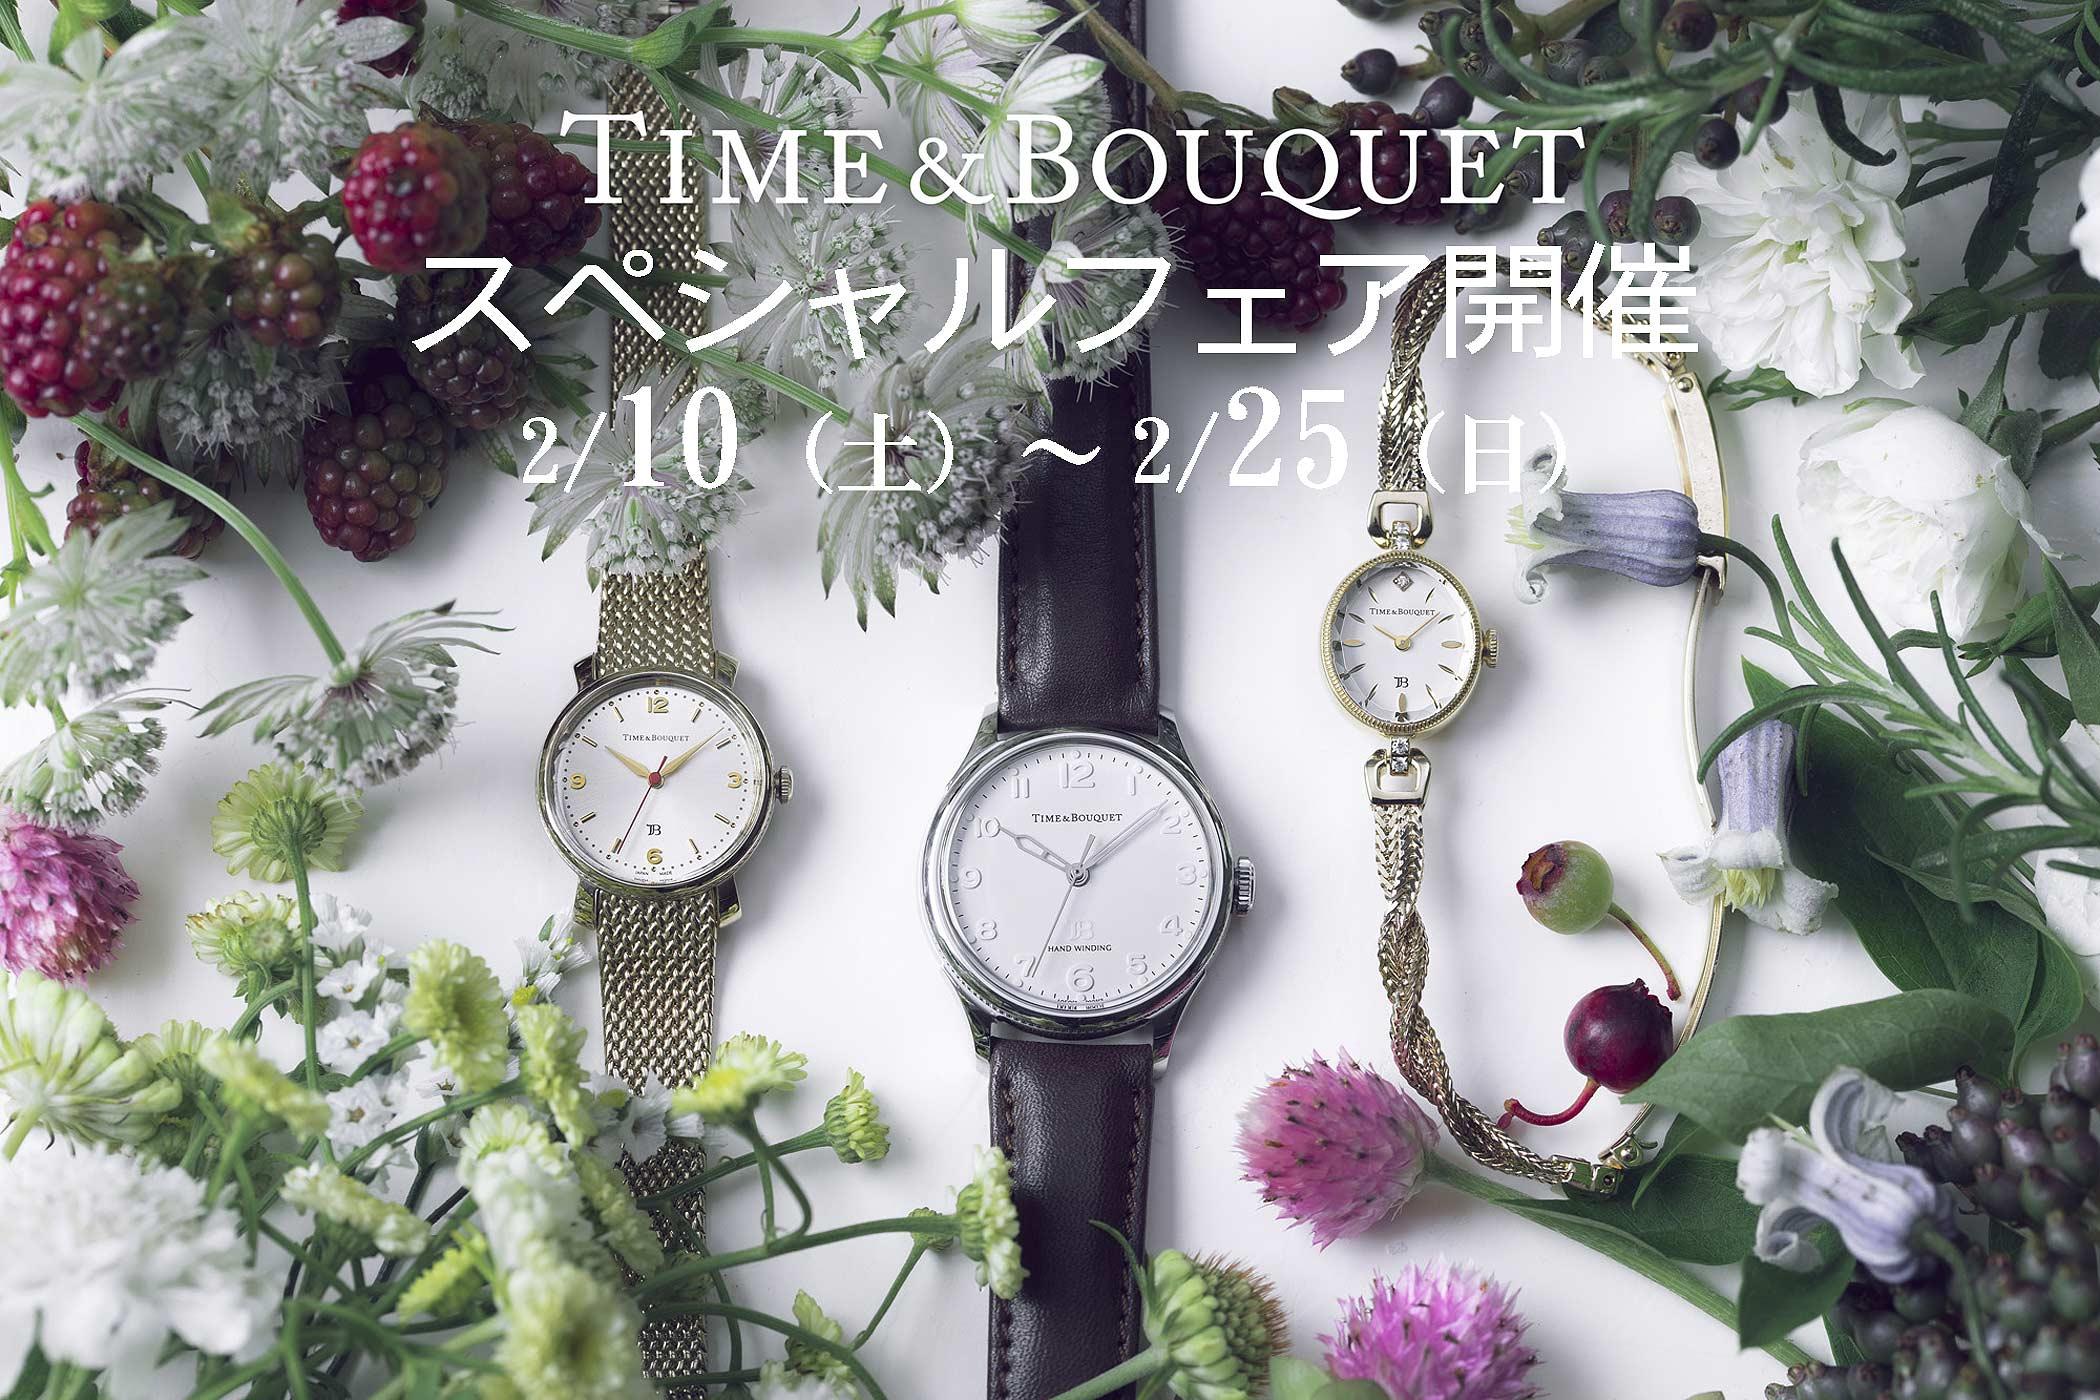 ヴァレンタインデー間近!Time&Bouquetスペシャルフェアを開催します!